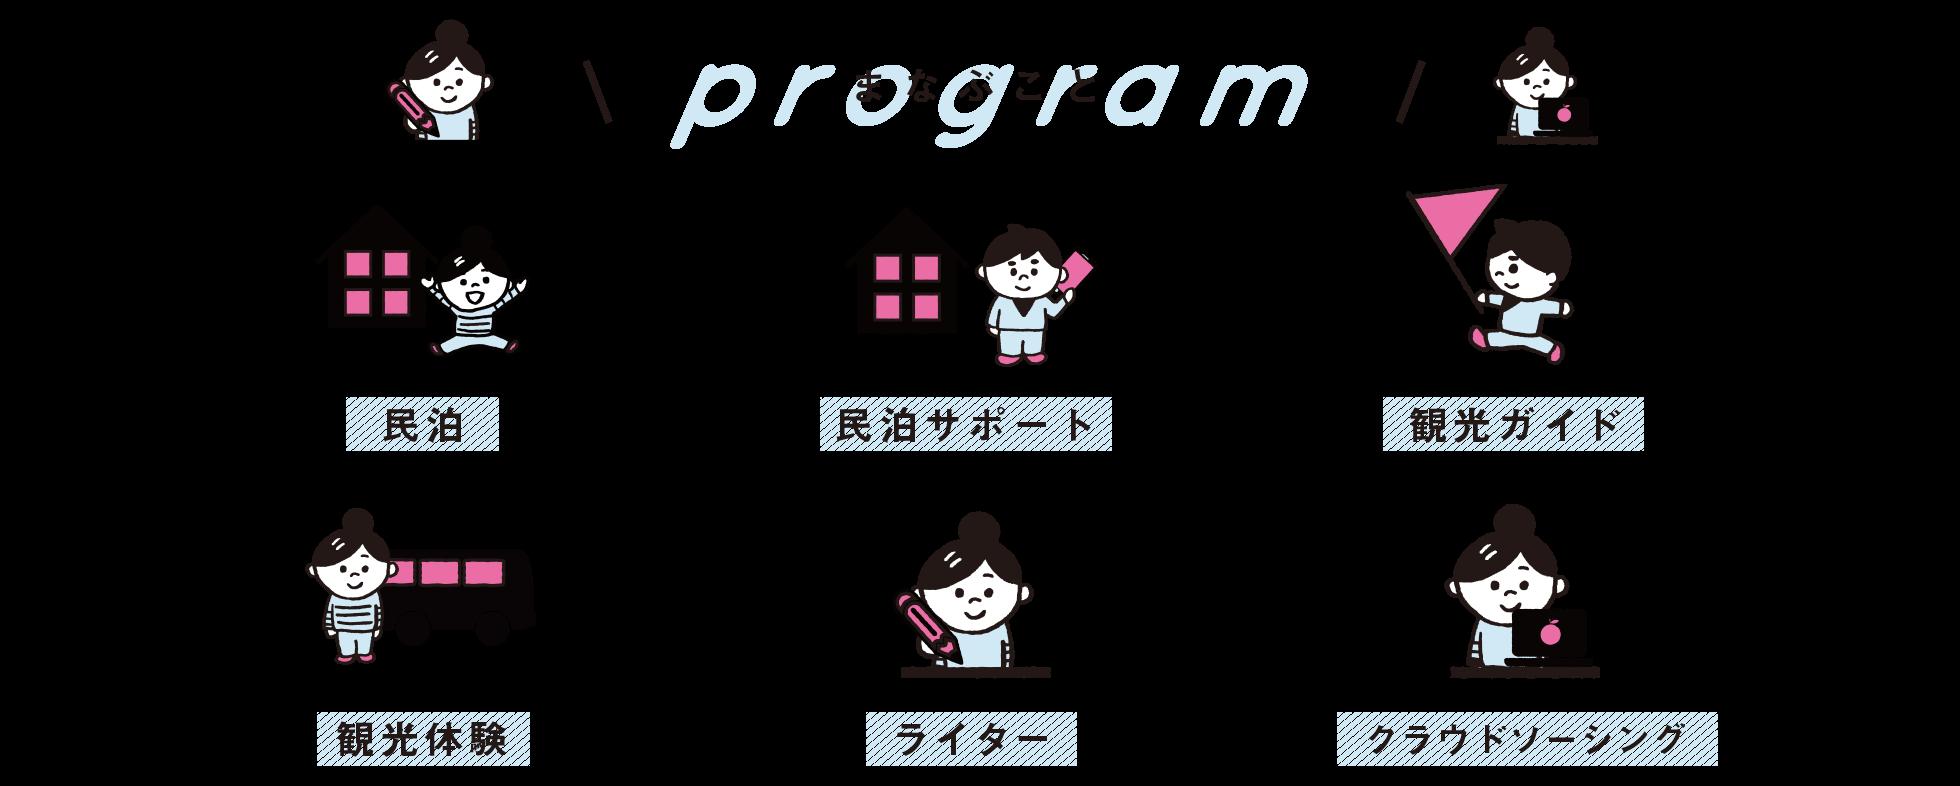 2018年度プログラムの紹介